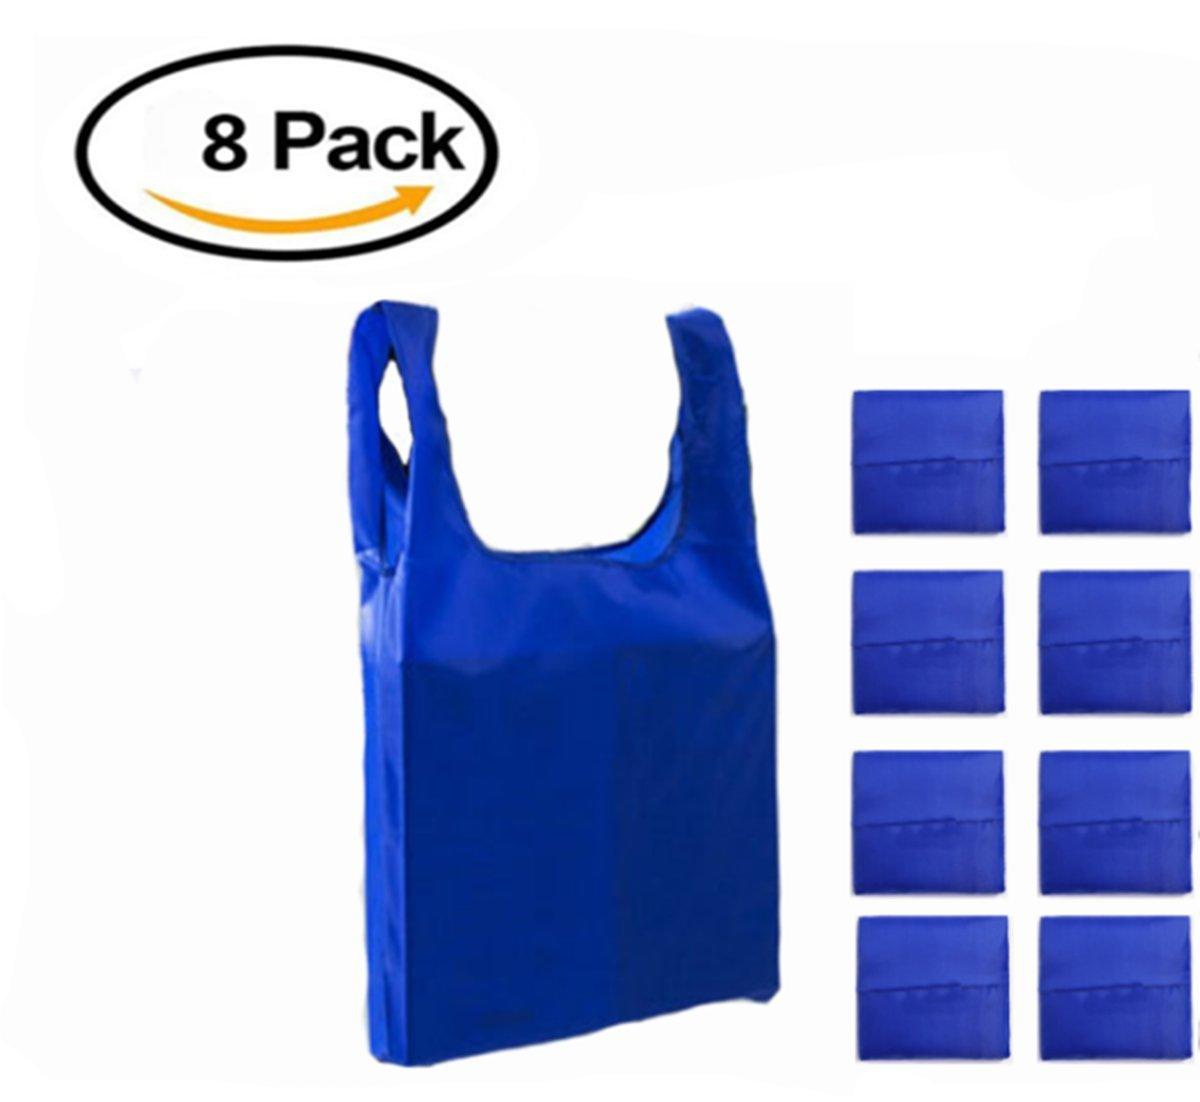 lzJz 8ピースの再利用可能な環境Groceryバッグ、食料雑貨バッグ折りたたみintoアクセサリーバッグ、て簡単、tear-proof再利用可能なショッピングバッグ、丈夫で軽量、洗濯可能 ブルー B07CQ489YN  ロイヤルブルー